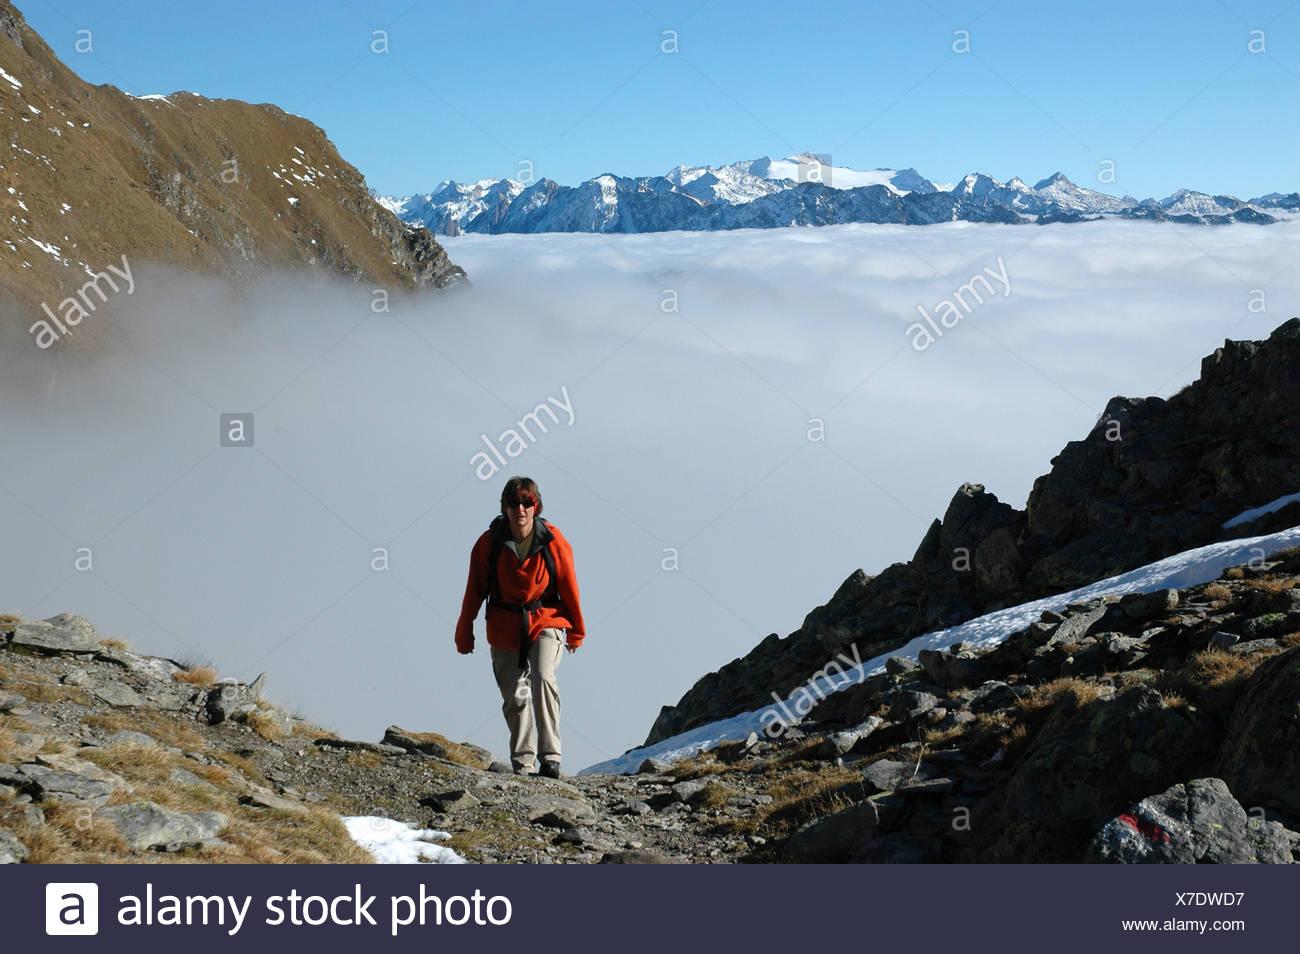 Escursionista, Lago di Dentro, Cadlimo, autunno, neve, Ticino, Svizzera Immagini Stock